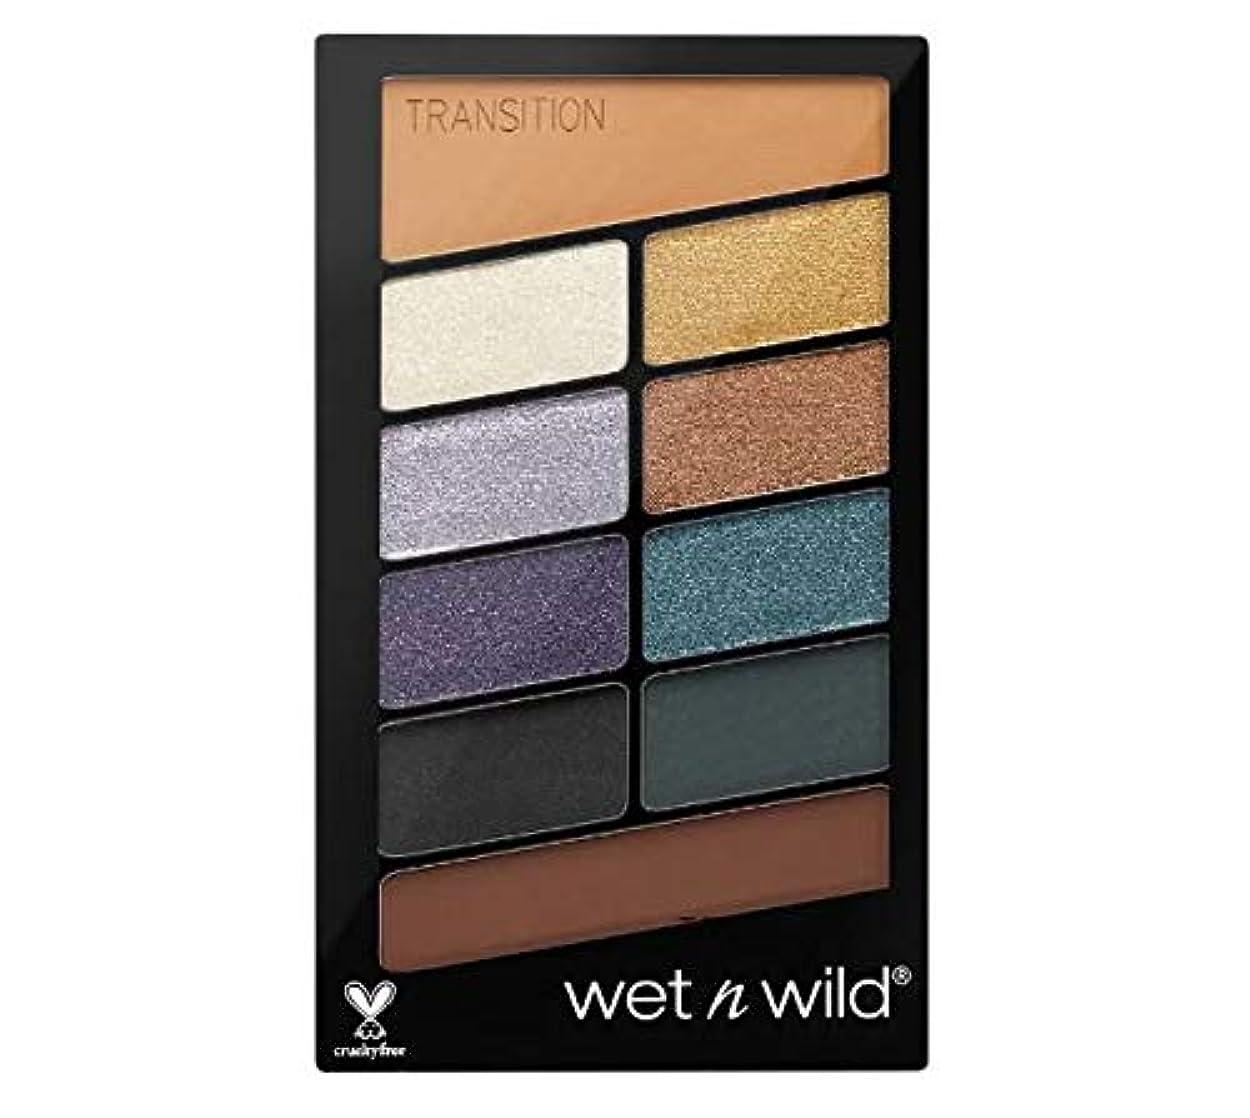 ペルソナママ回るWet N Wild Color Icon Eyeshadow 10 Pan Palette (Cosmic Collision) 海外直送 [並行輸入品]